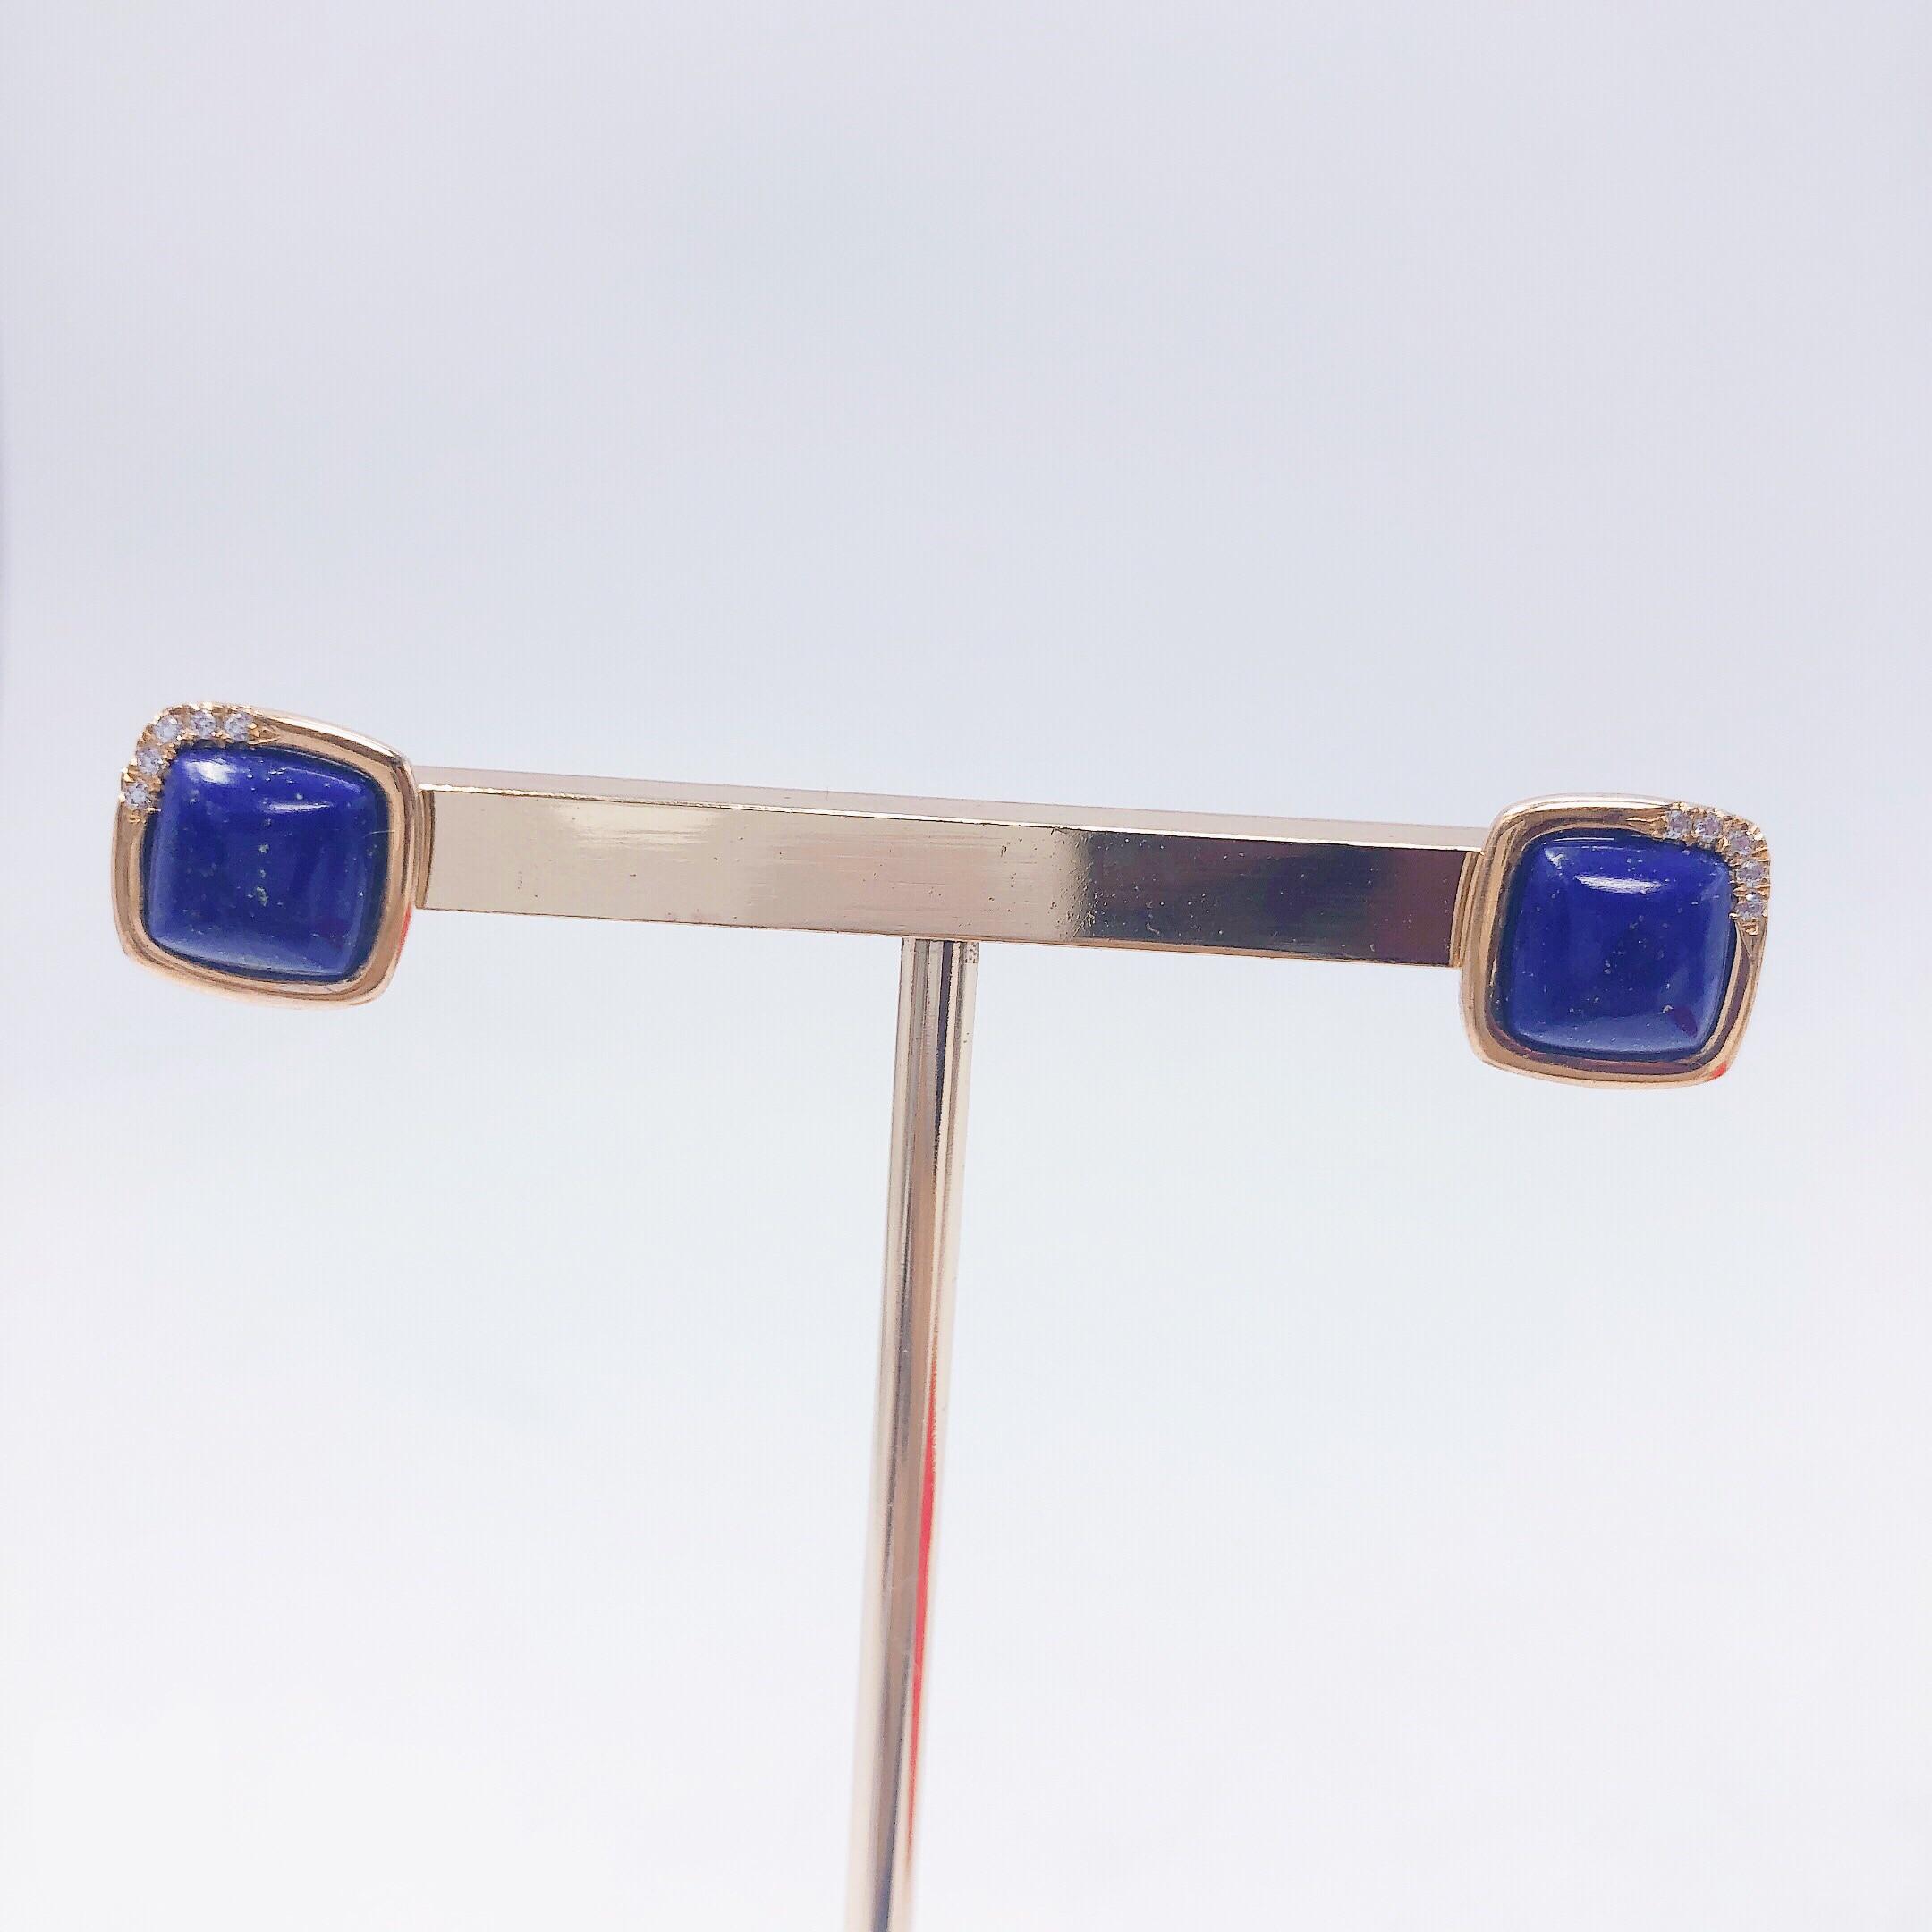 IZODO bijoux boucle d'oreille CZ lapis lazuli 925 argent 2019 nouveau style de mode géométrique